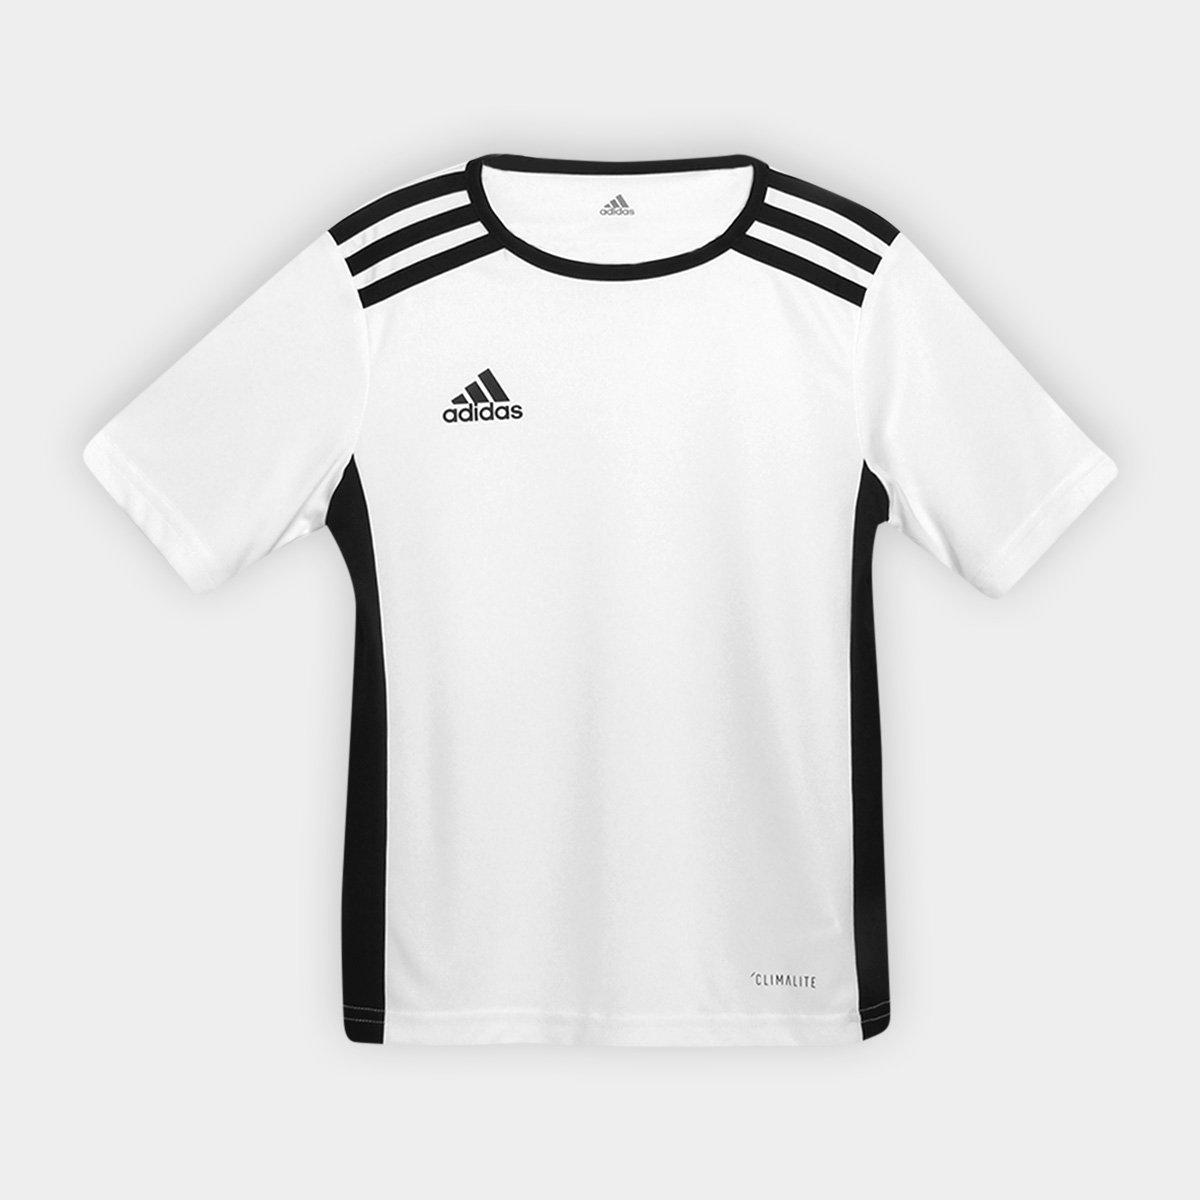 3bfb4d22ca4 Camisa Infantil Adidas Entrada 18 - Branco e Preto - Compre Agora ...